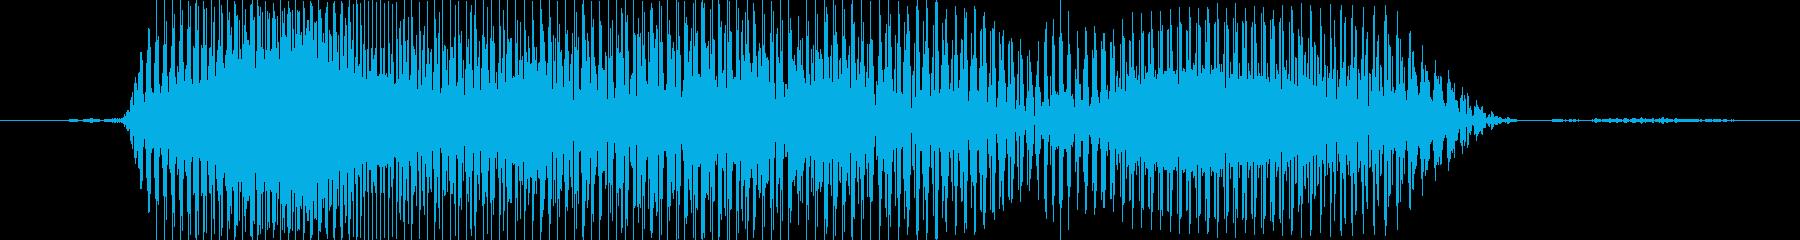 きゃーの再生済みの波形